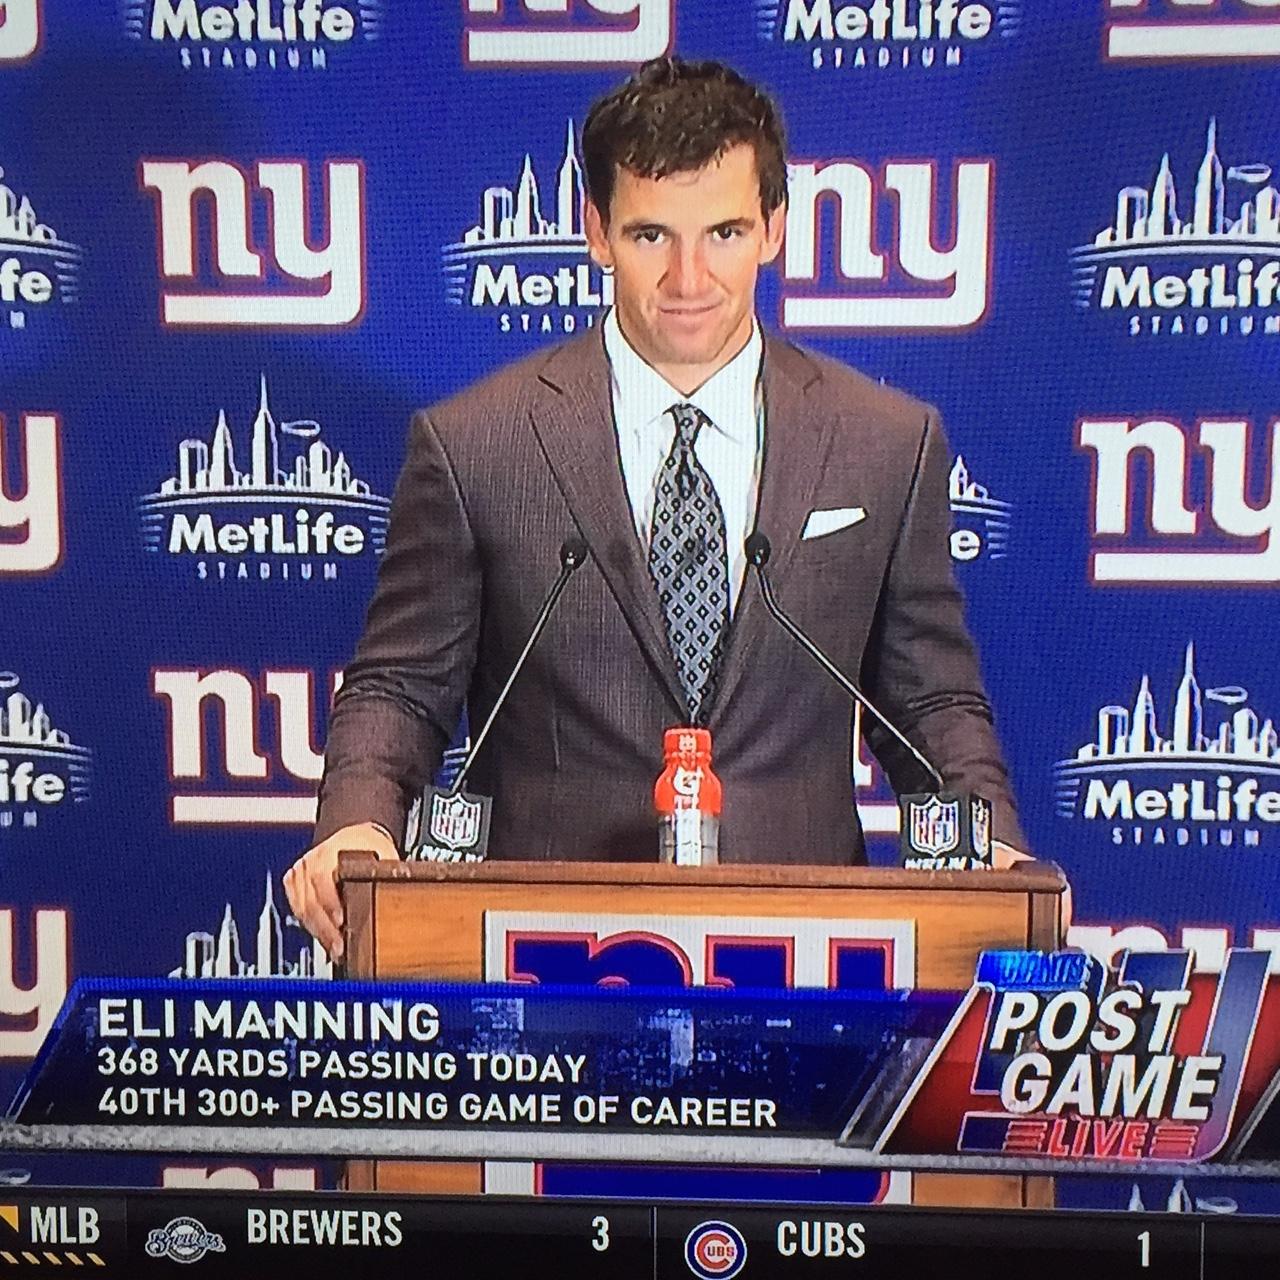 NY Giants QB, Eli Manning